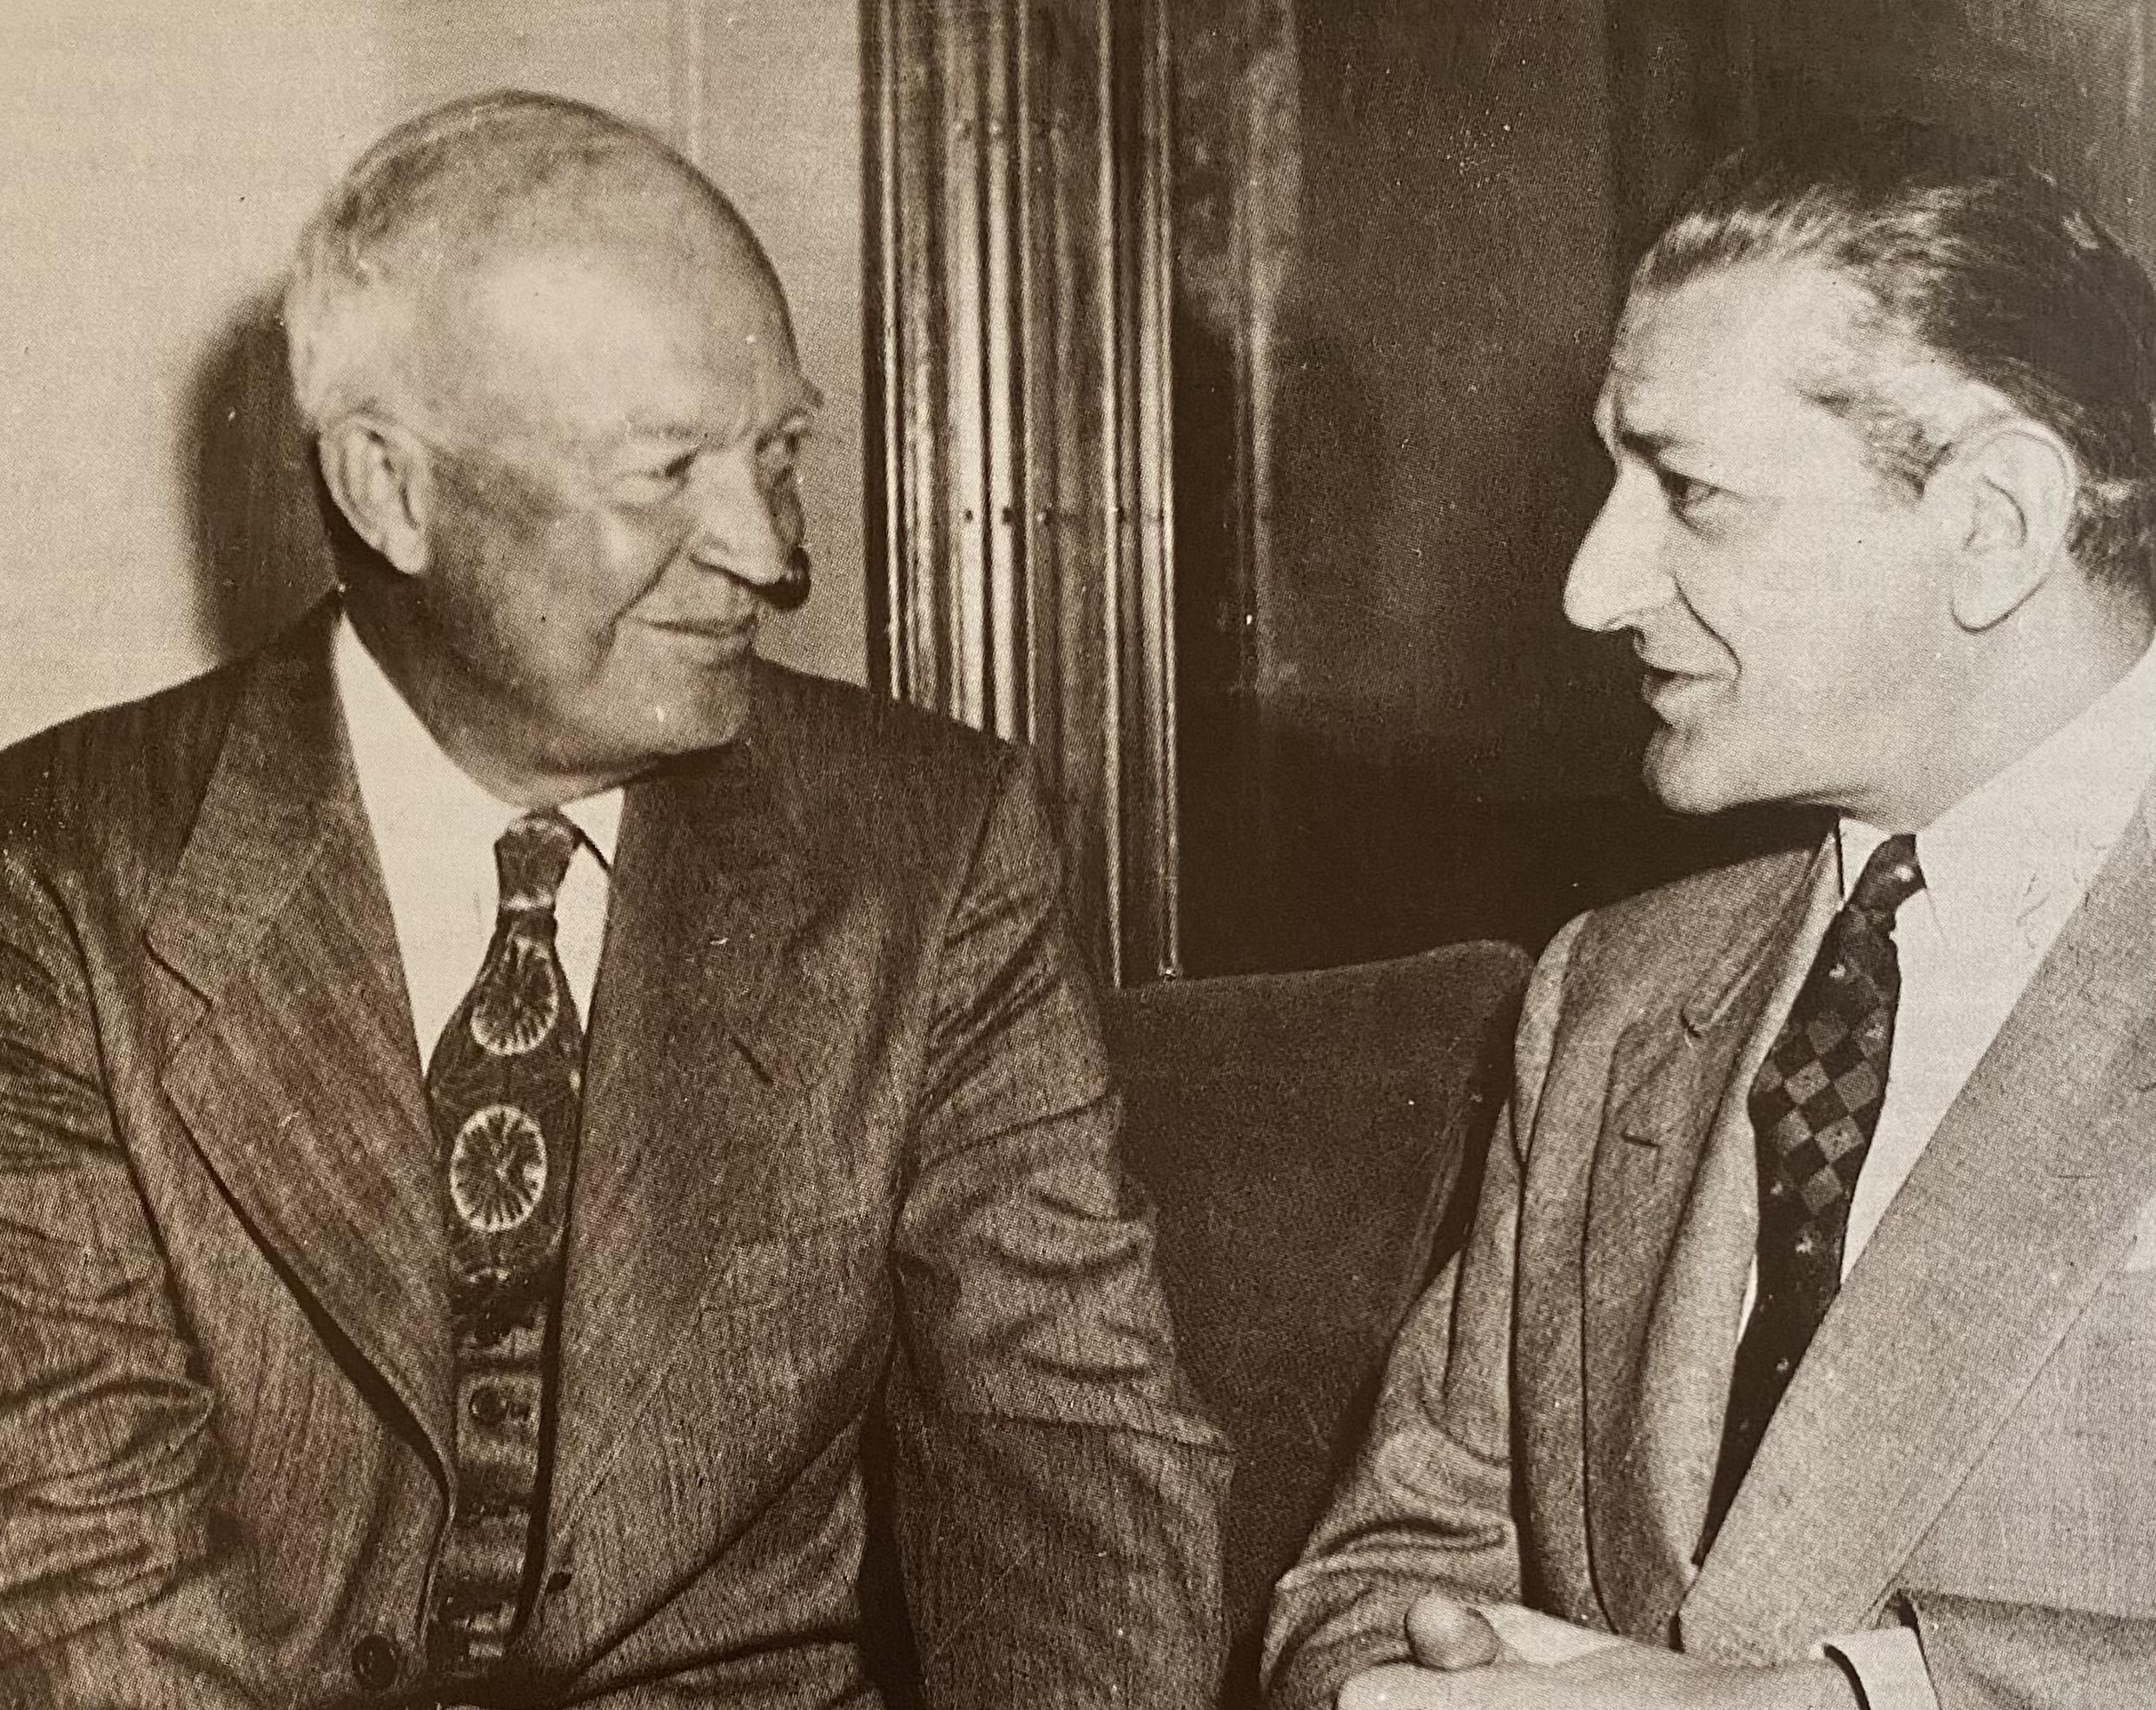 Τι έλεγαν Ρούζβελτ και Αϊζενχάουερ για την Ελλάδα πριν και μετά τον Β' Παγκόσμιο Πόλεμο; (pics)